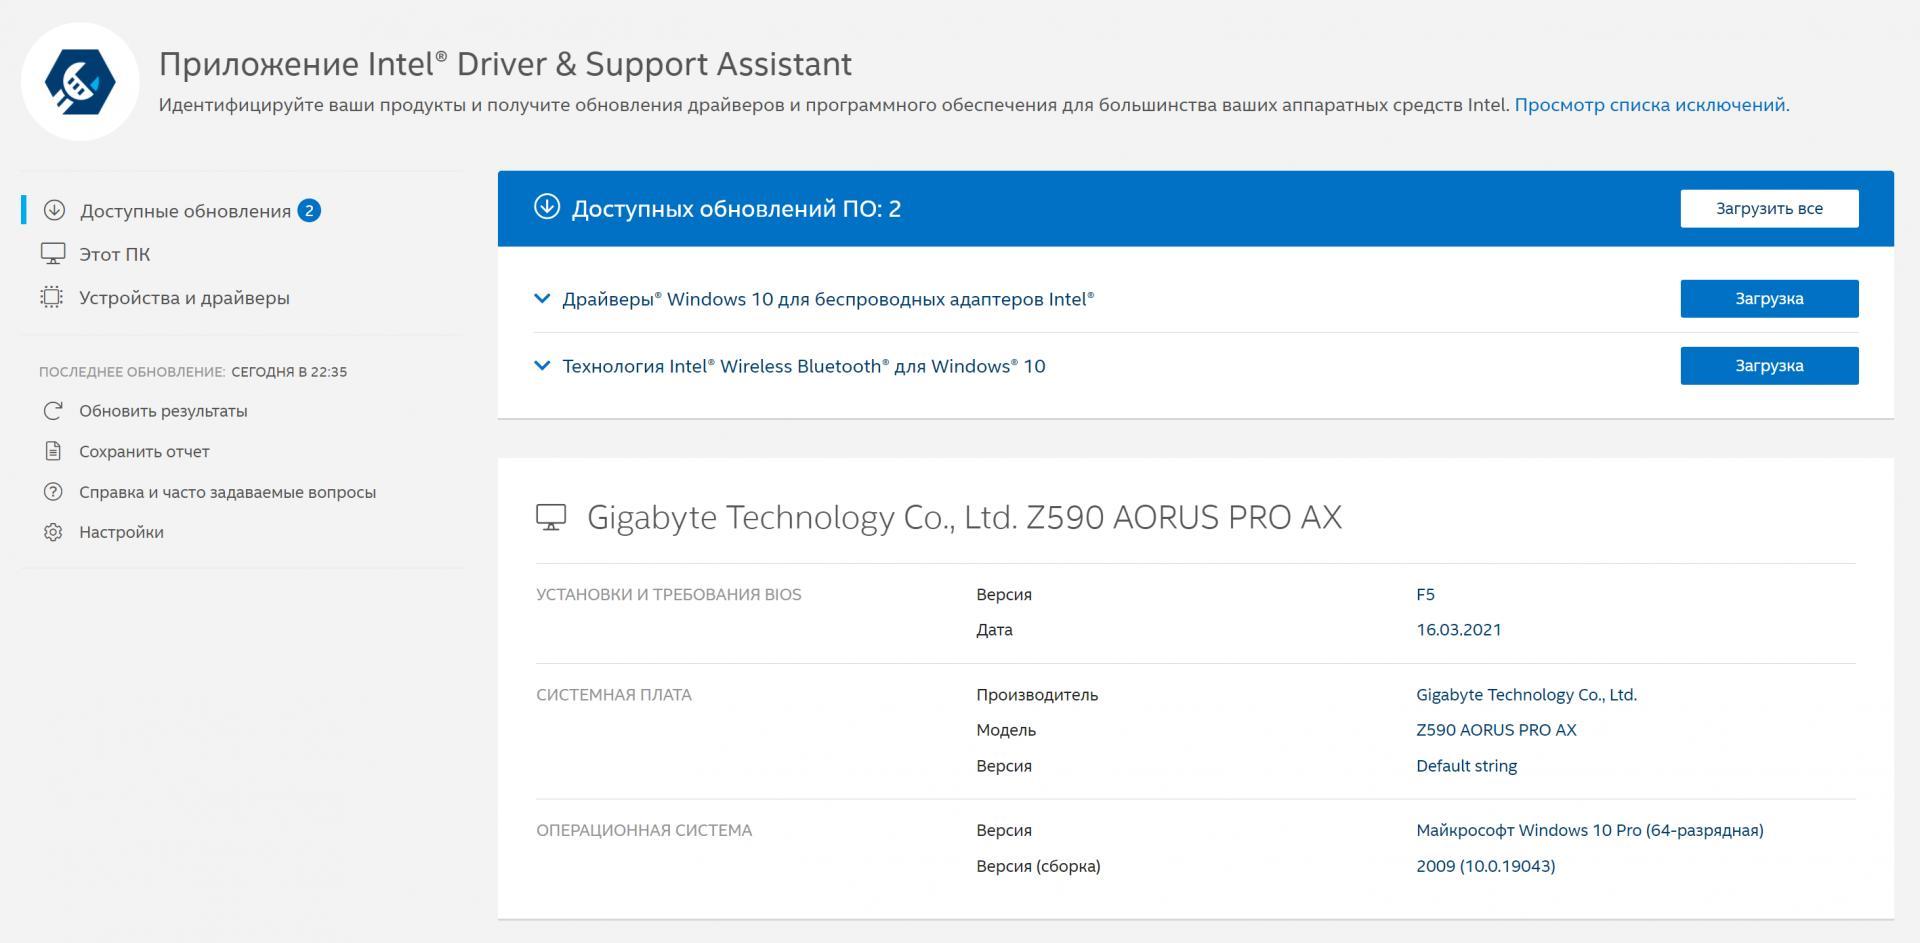 Как установить все свежие драйвера для компьютера с Intel?